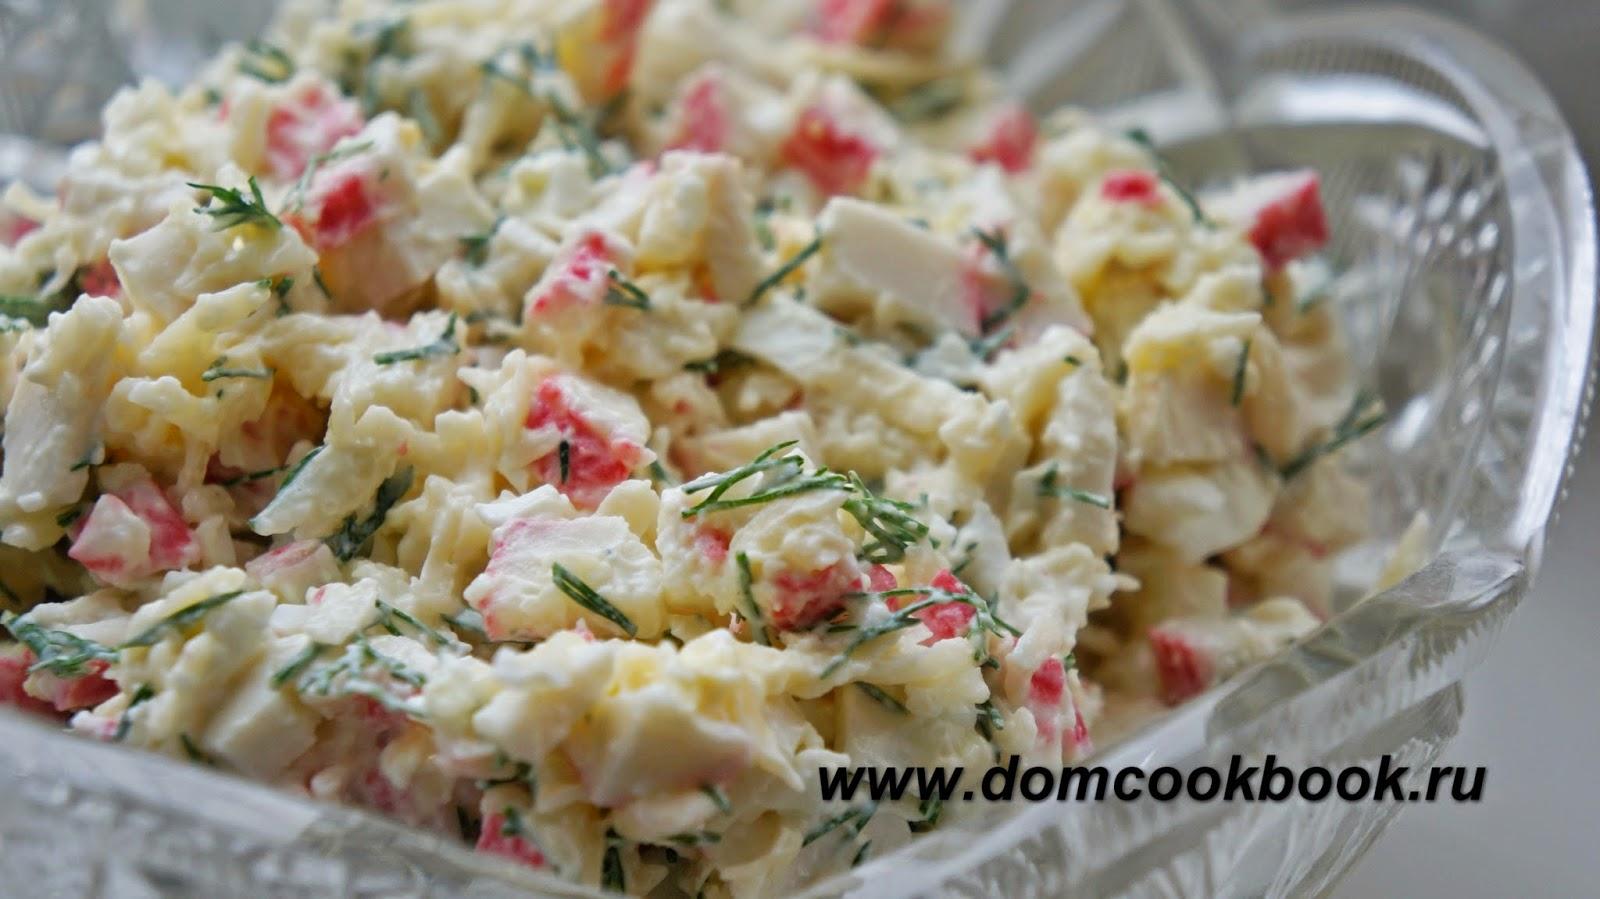 Салат из крабовых палочек и сыром рецепт очень вкусный 126